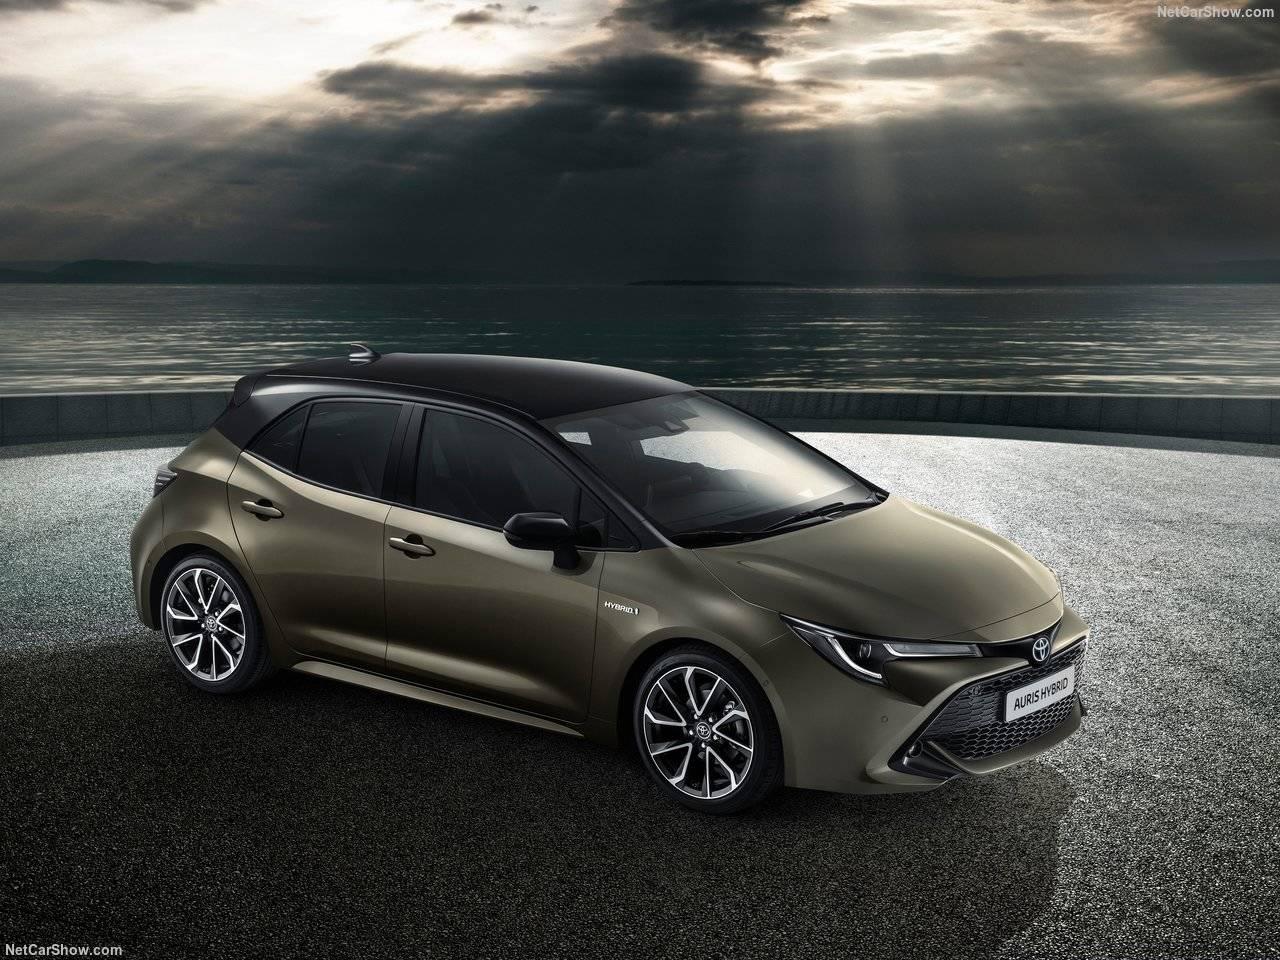 ついに新型トヨタ オーリスがフルモデルチェンジ!明らかになったエクステリア。新パワートレーンや内装はいかに?